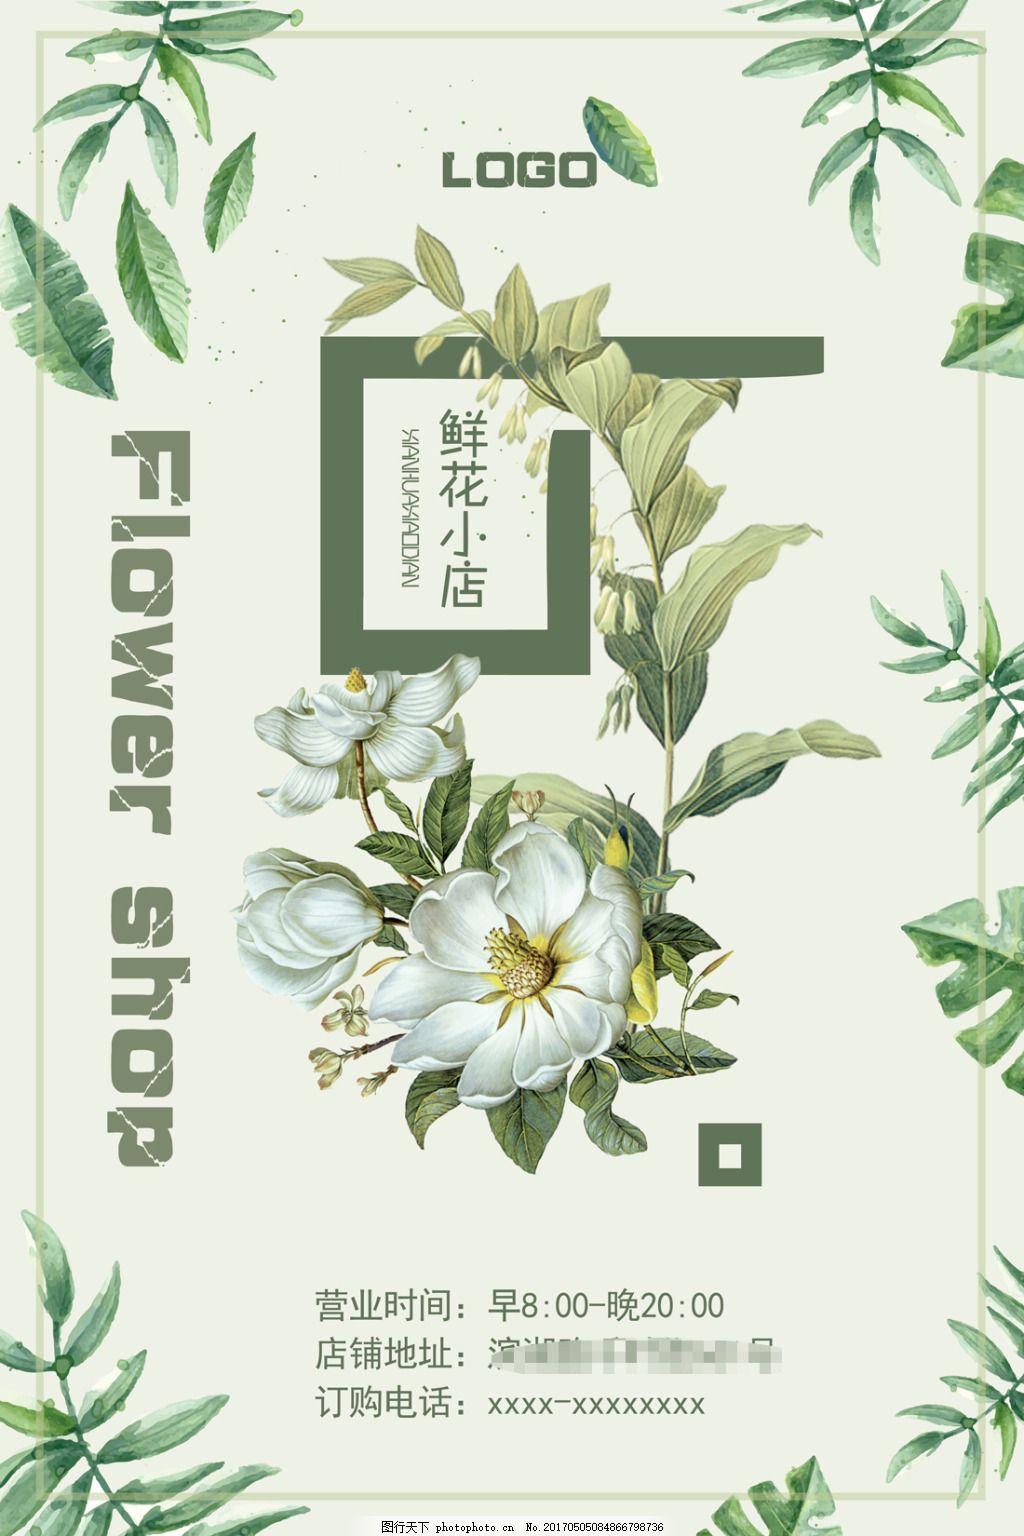 鲜花店 感恩 psd 宣传海报 海报设计 小清新 手绘花卉 花店海报 手绘